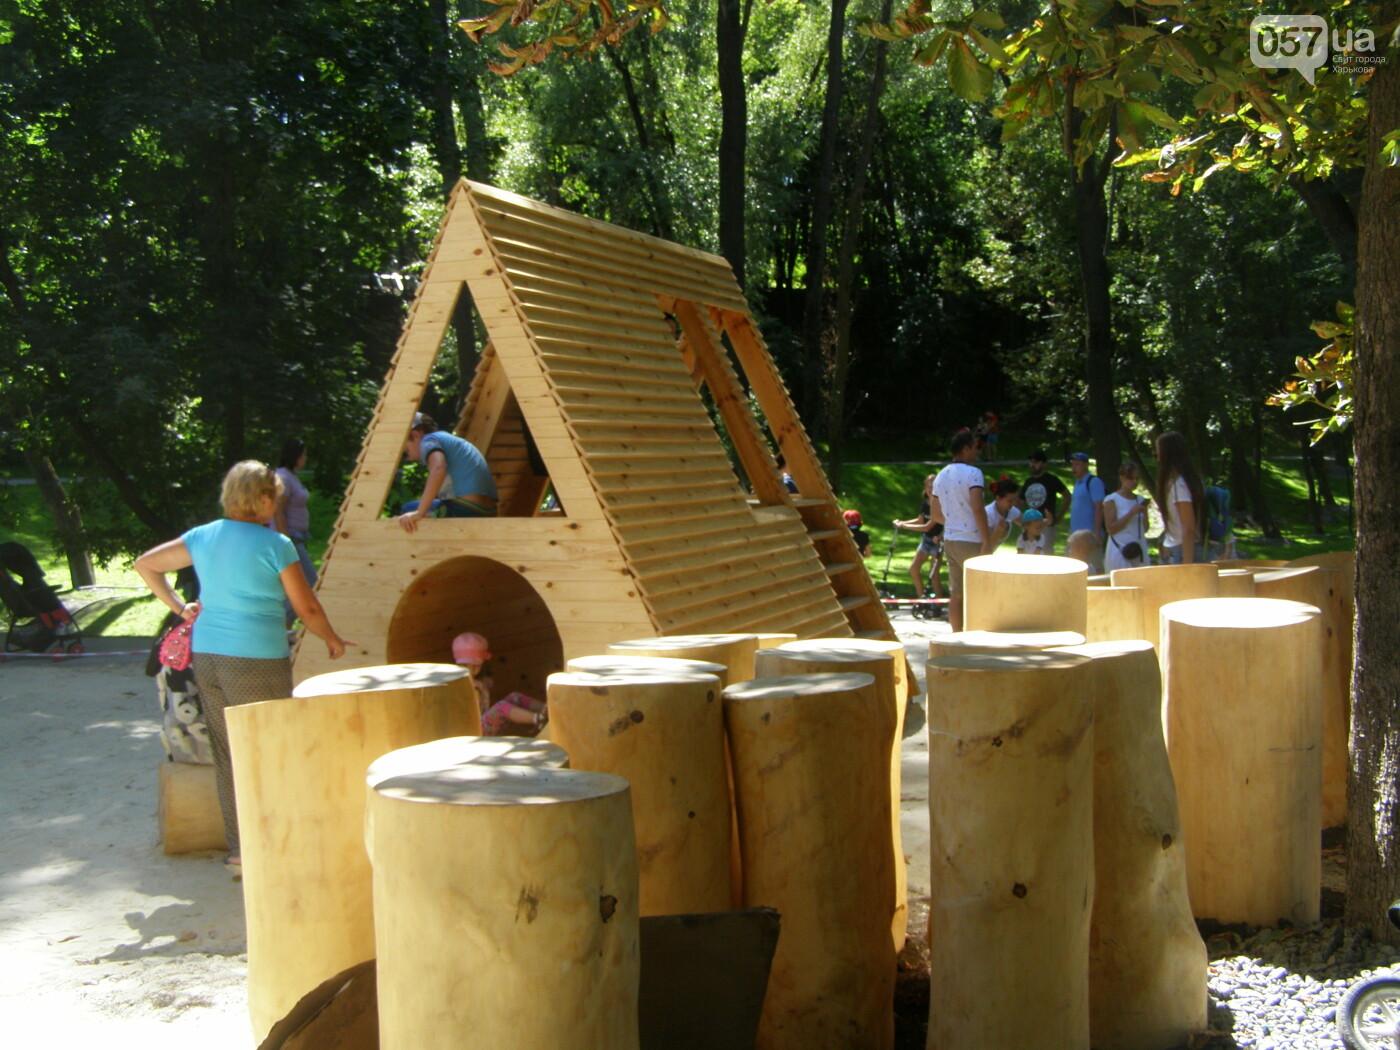 Детская площадка, настольный теннис и велодорожки: в Саржином Яру открыли новые локации, - ФОТО, фото-16